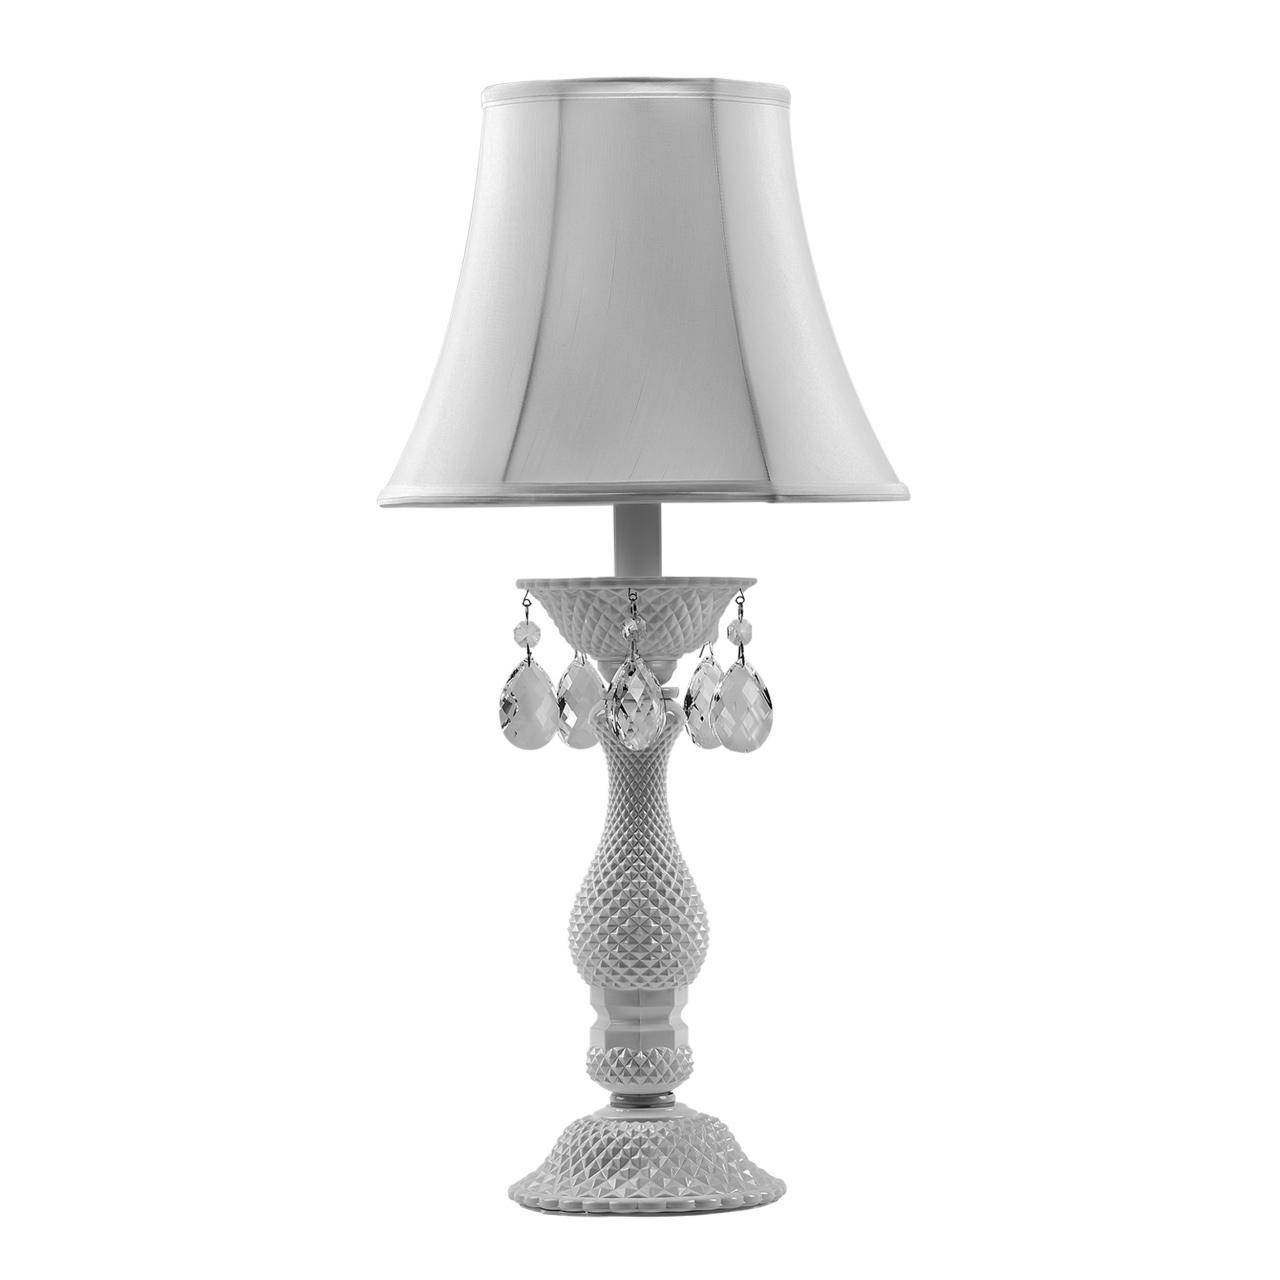 Настольная лампа Princia 1х40W E27 белый / прозрачный Osgona 726911